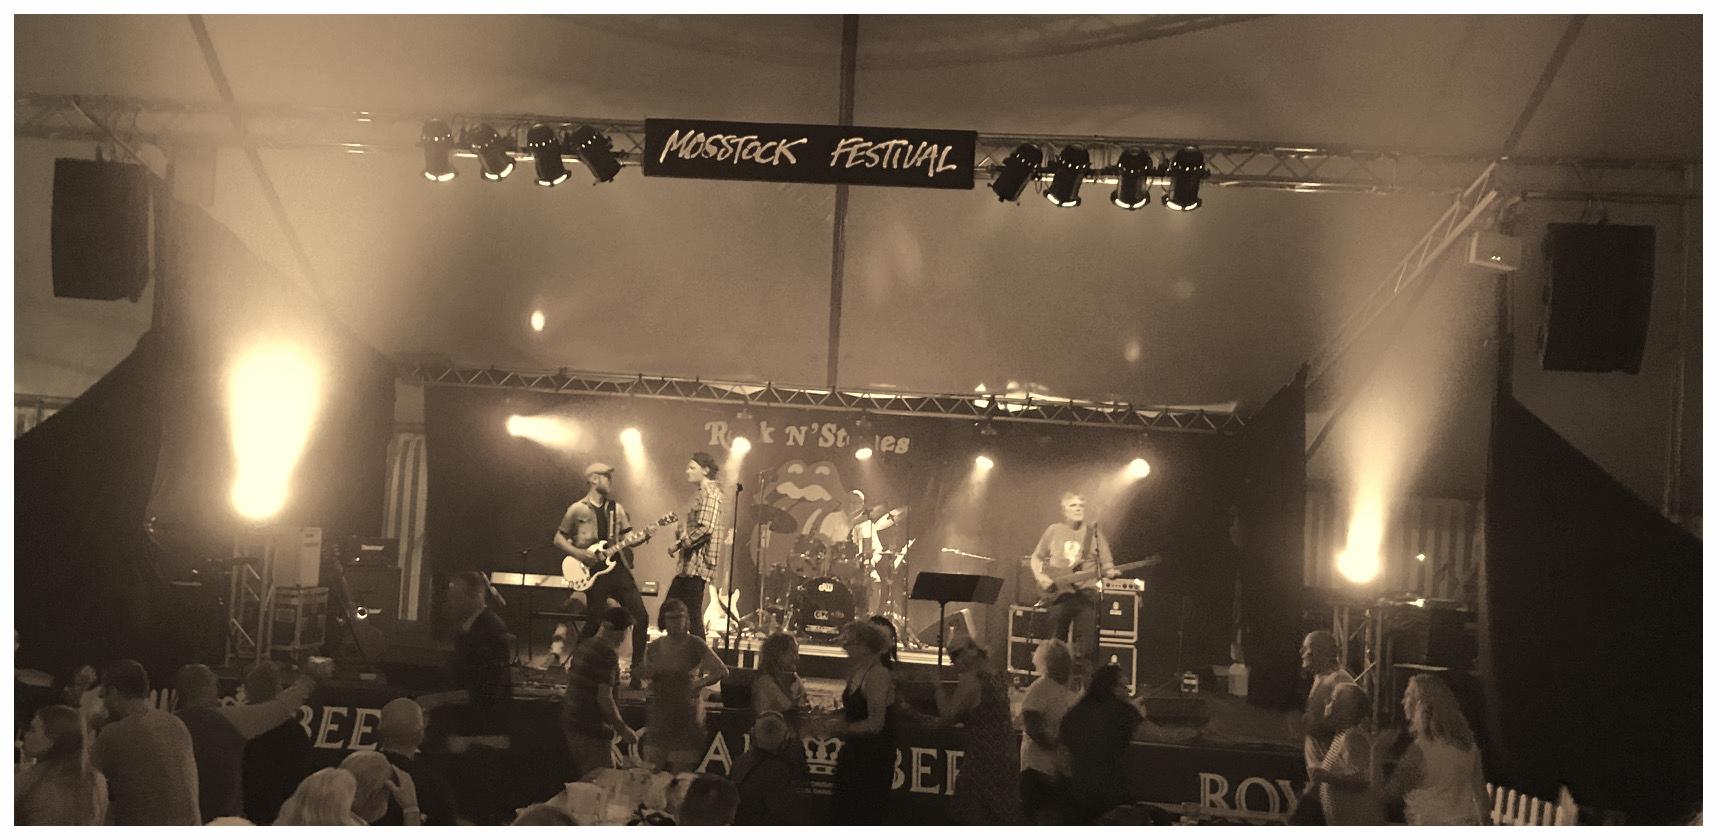 Se TV2 Østjyllands LIVE produktion af Rock N' Stones fra Mosstock Festival 2018